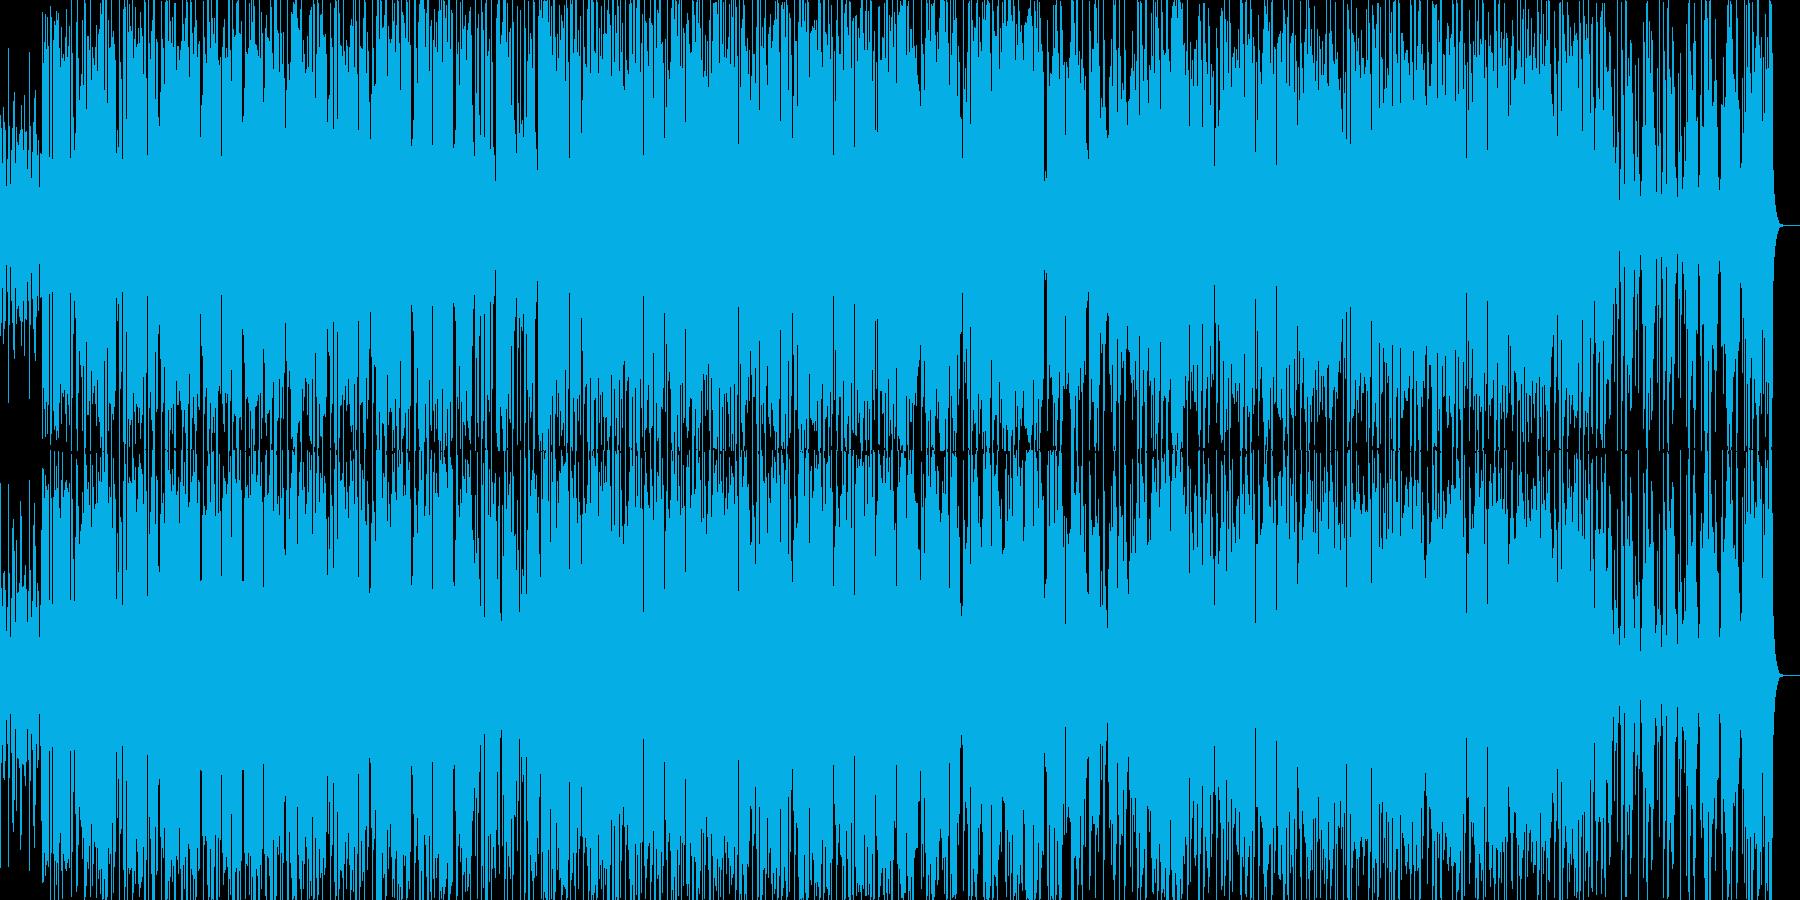 軽快なテクノ、ダンスナンバーの再生済みの波形